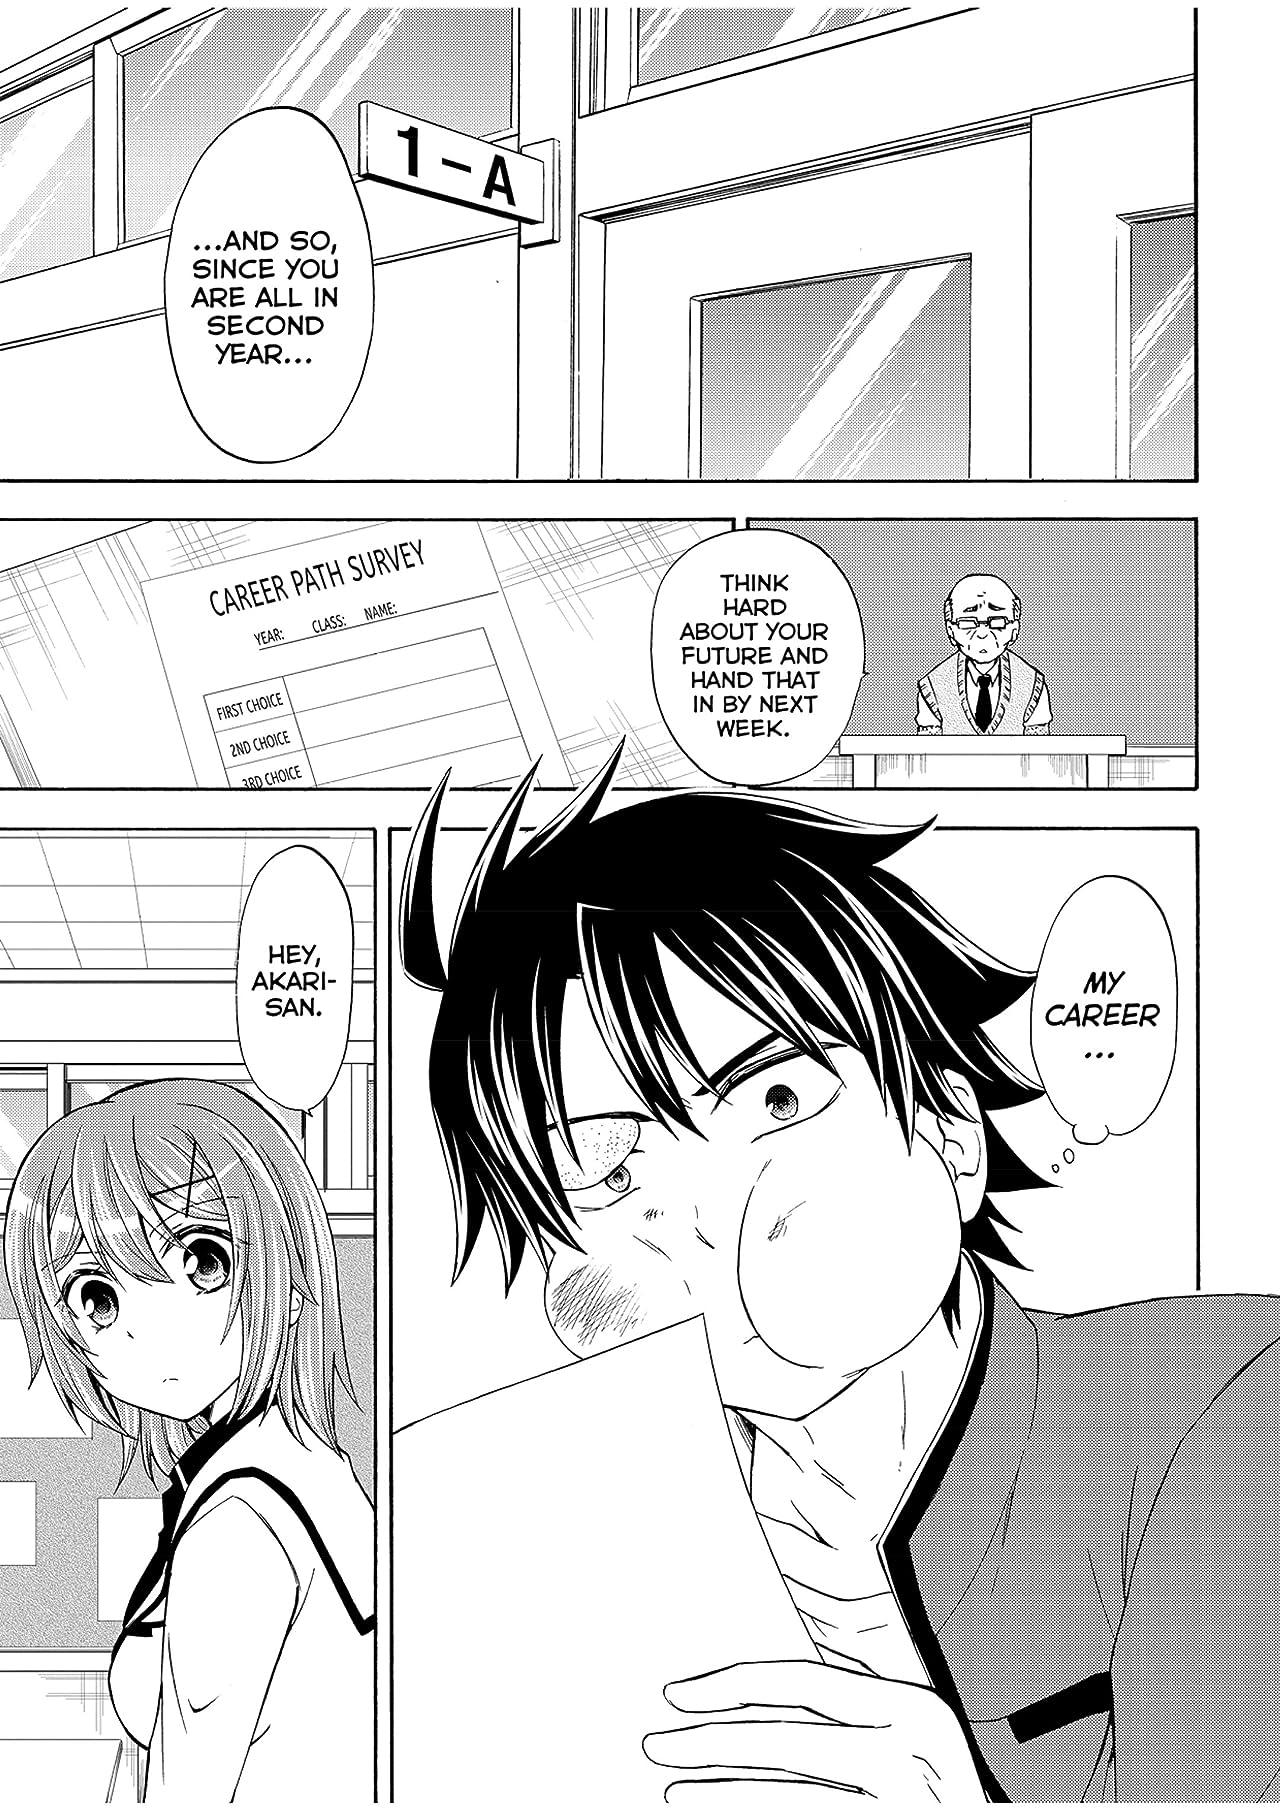 Maga-Tsuki #61